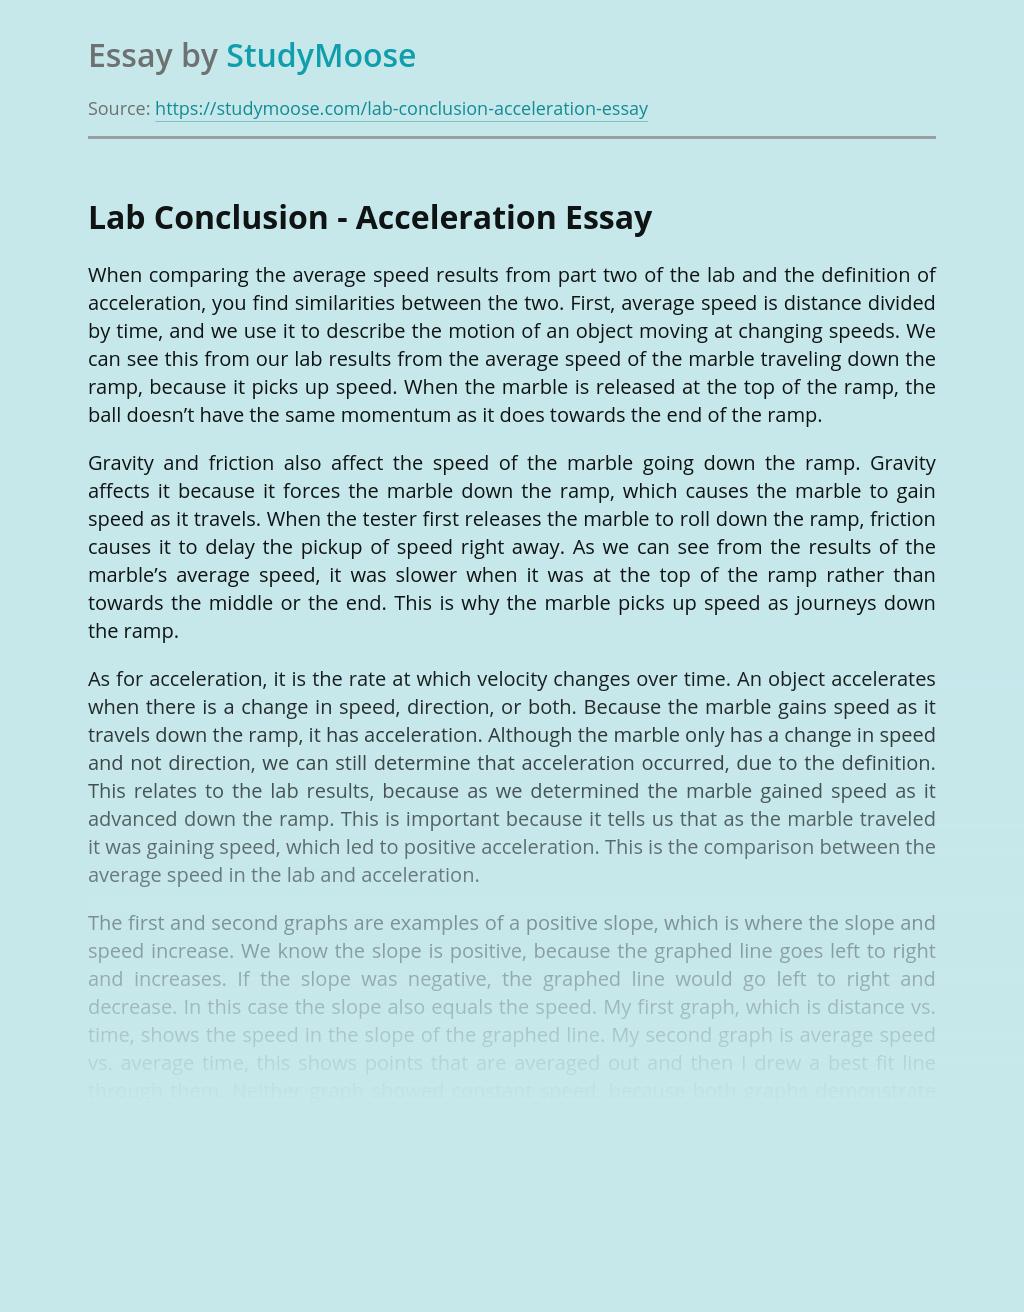 Lab Conclusion - Acceleration